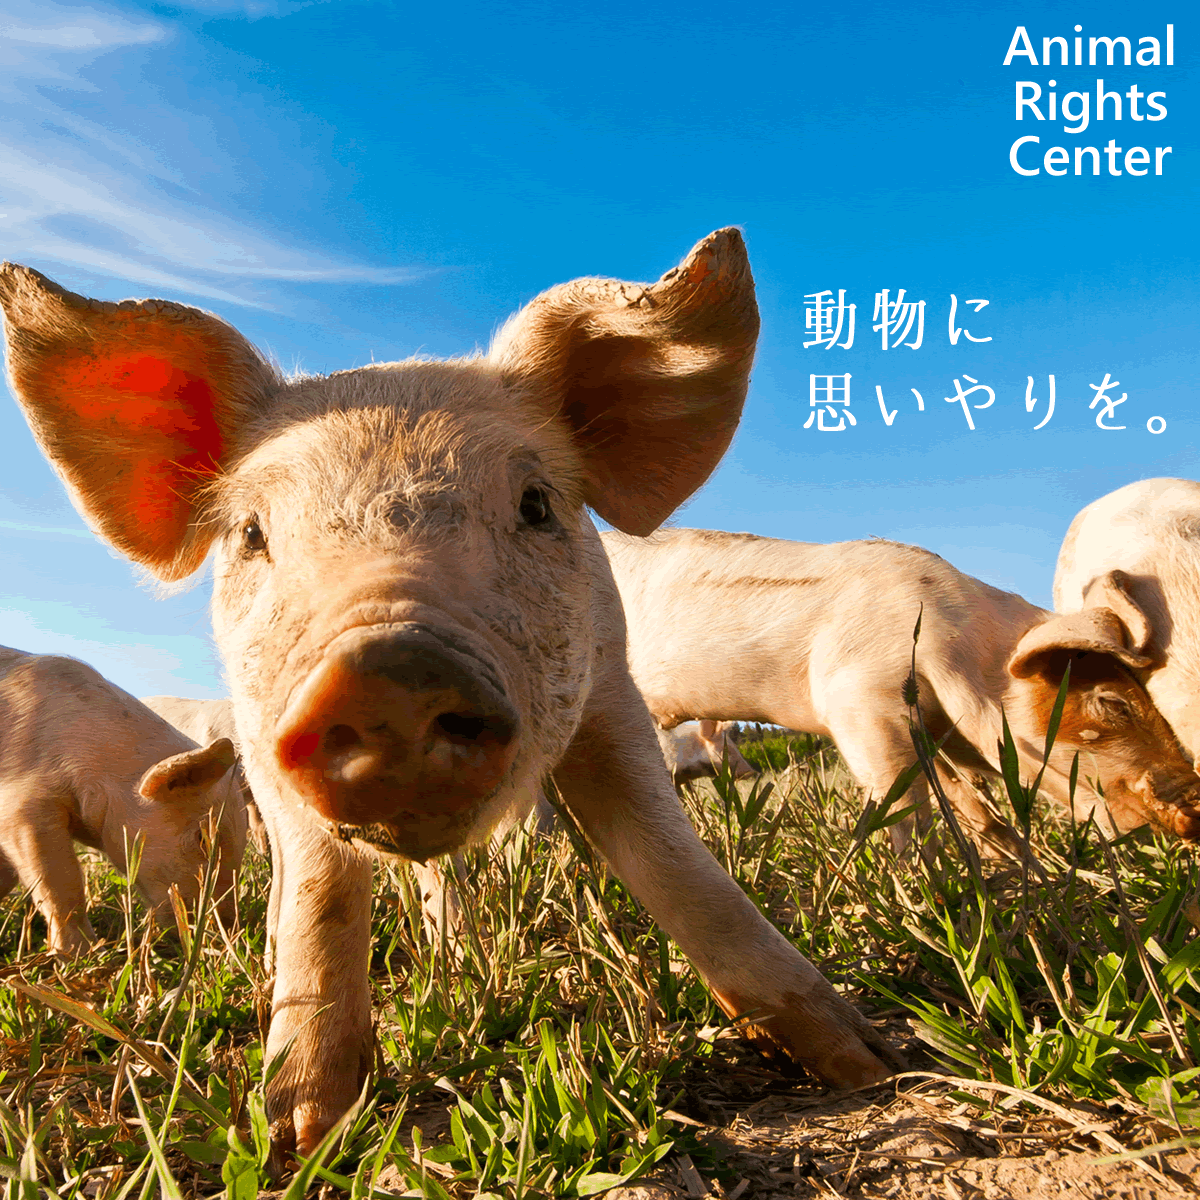 子供をサーカスに連れていかない3つの理由 | NPO法人アニマルライツセンター 毛皮、動物実験、工場畜産、犬猫等の虐待的飼育をなくしエシカルな社会へ